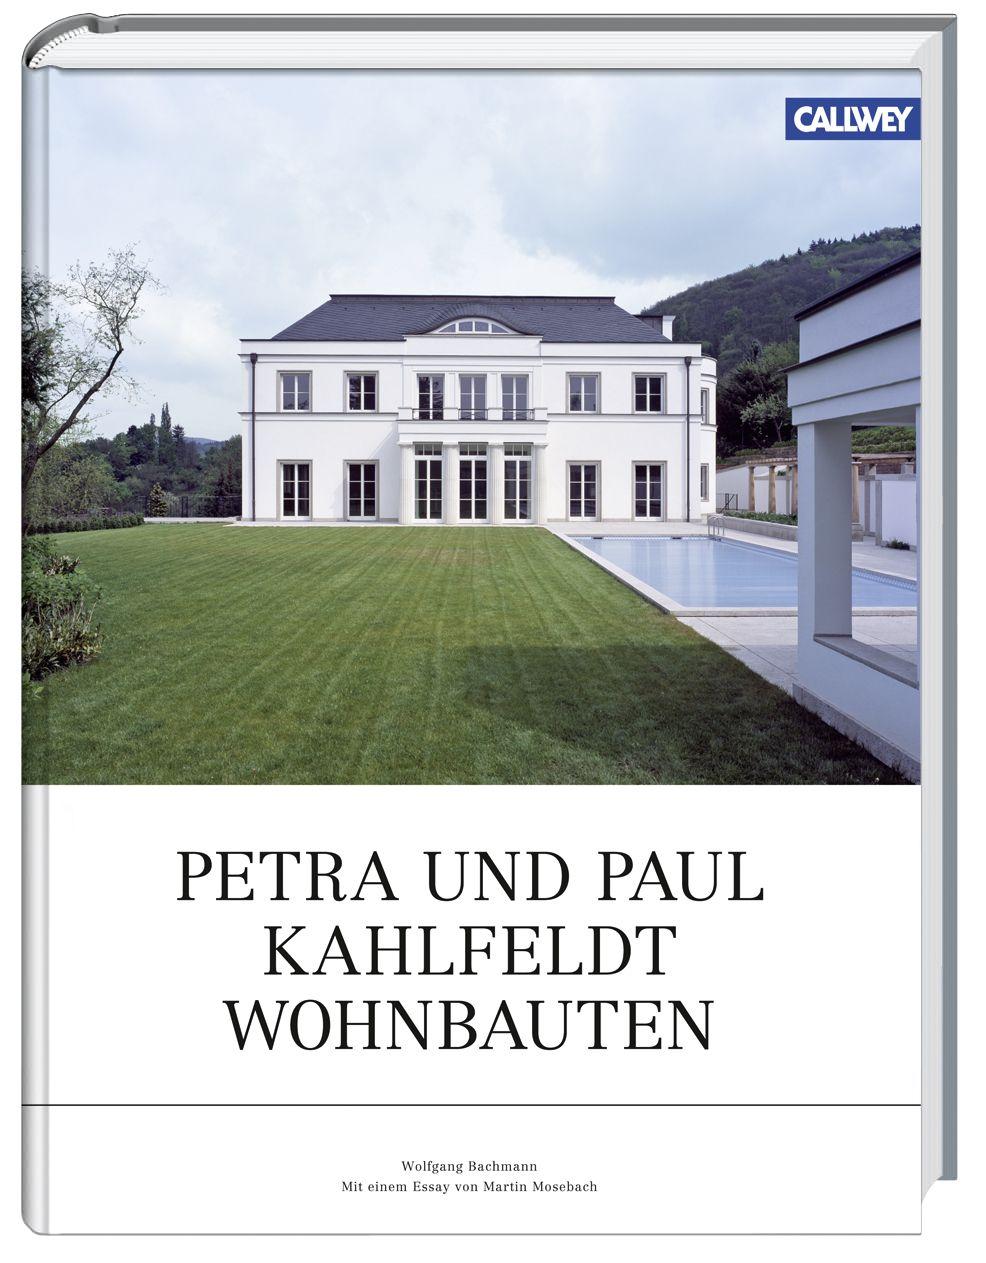 Petra und Paul Kahlfeldt Wohnbauten